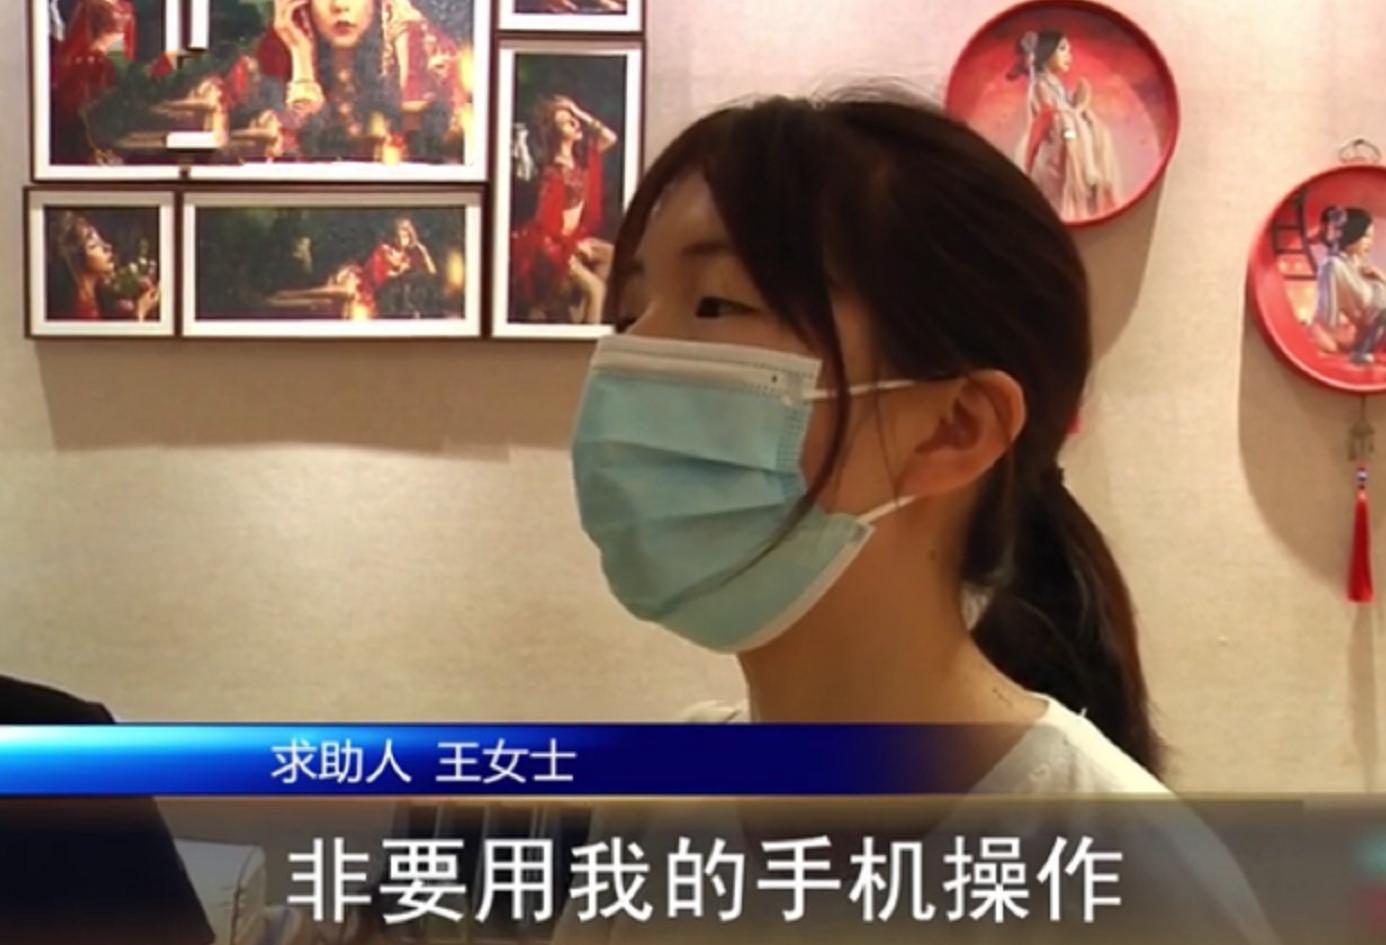 郑州女大学生拍艺术照被要求贷款,1500元套餐变10000元,学生:强买强卖